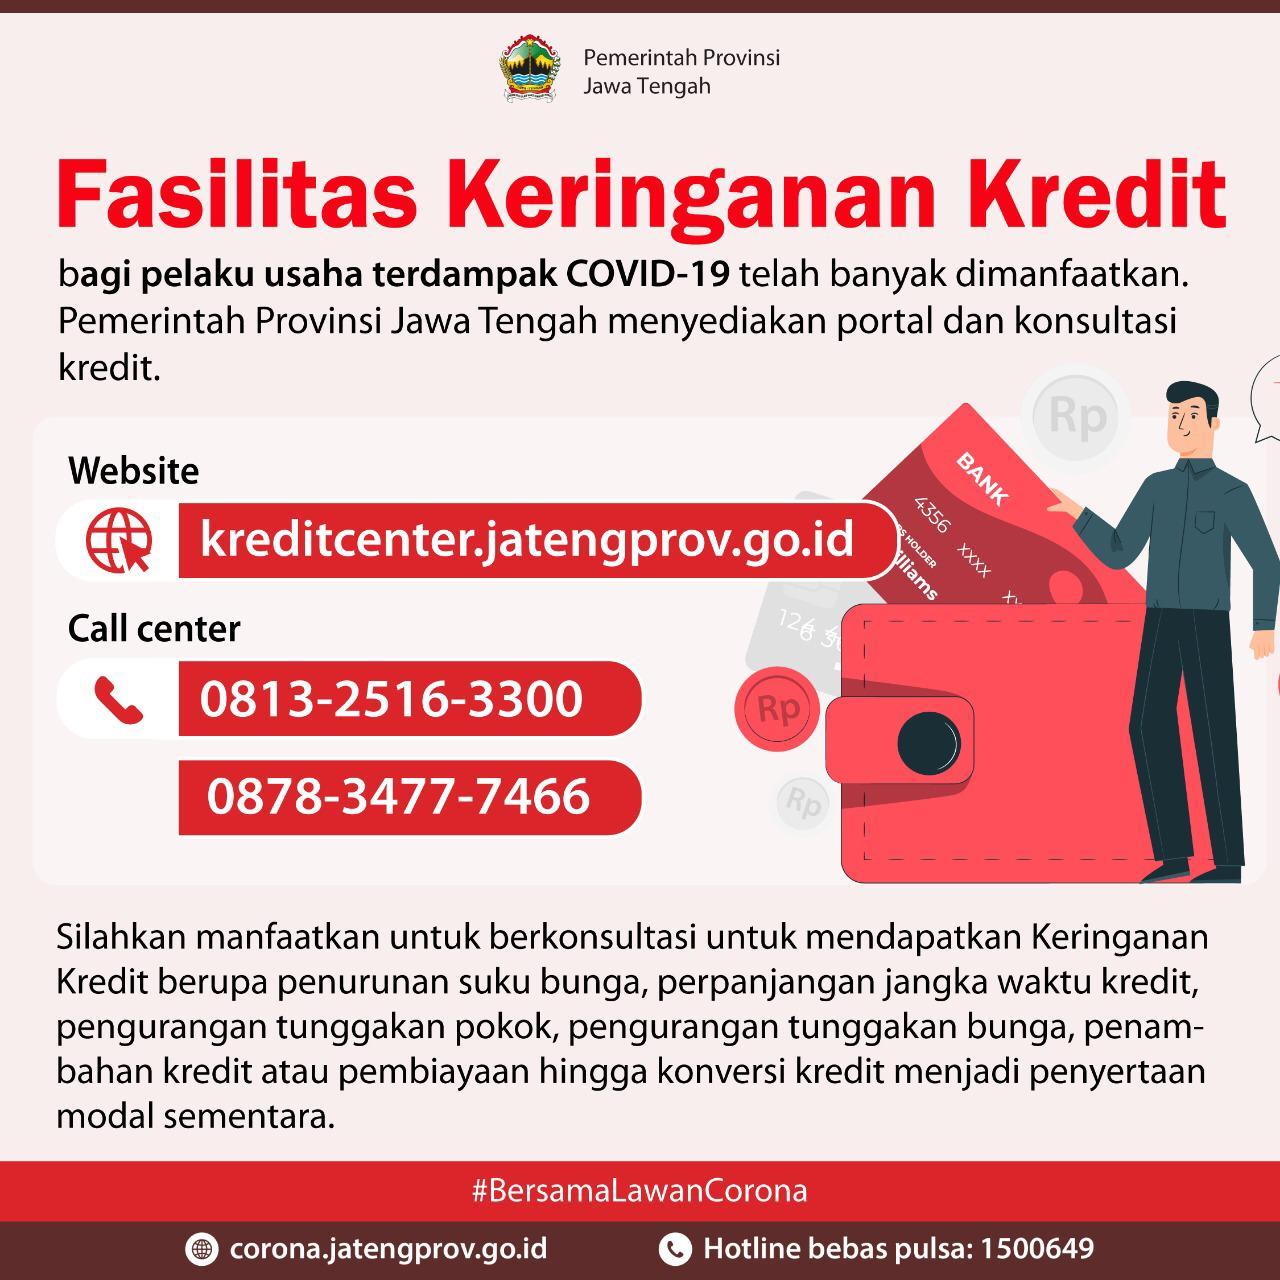 Fasilitas Keringanan Kredit